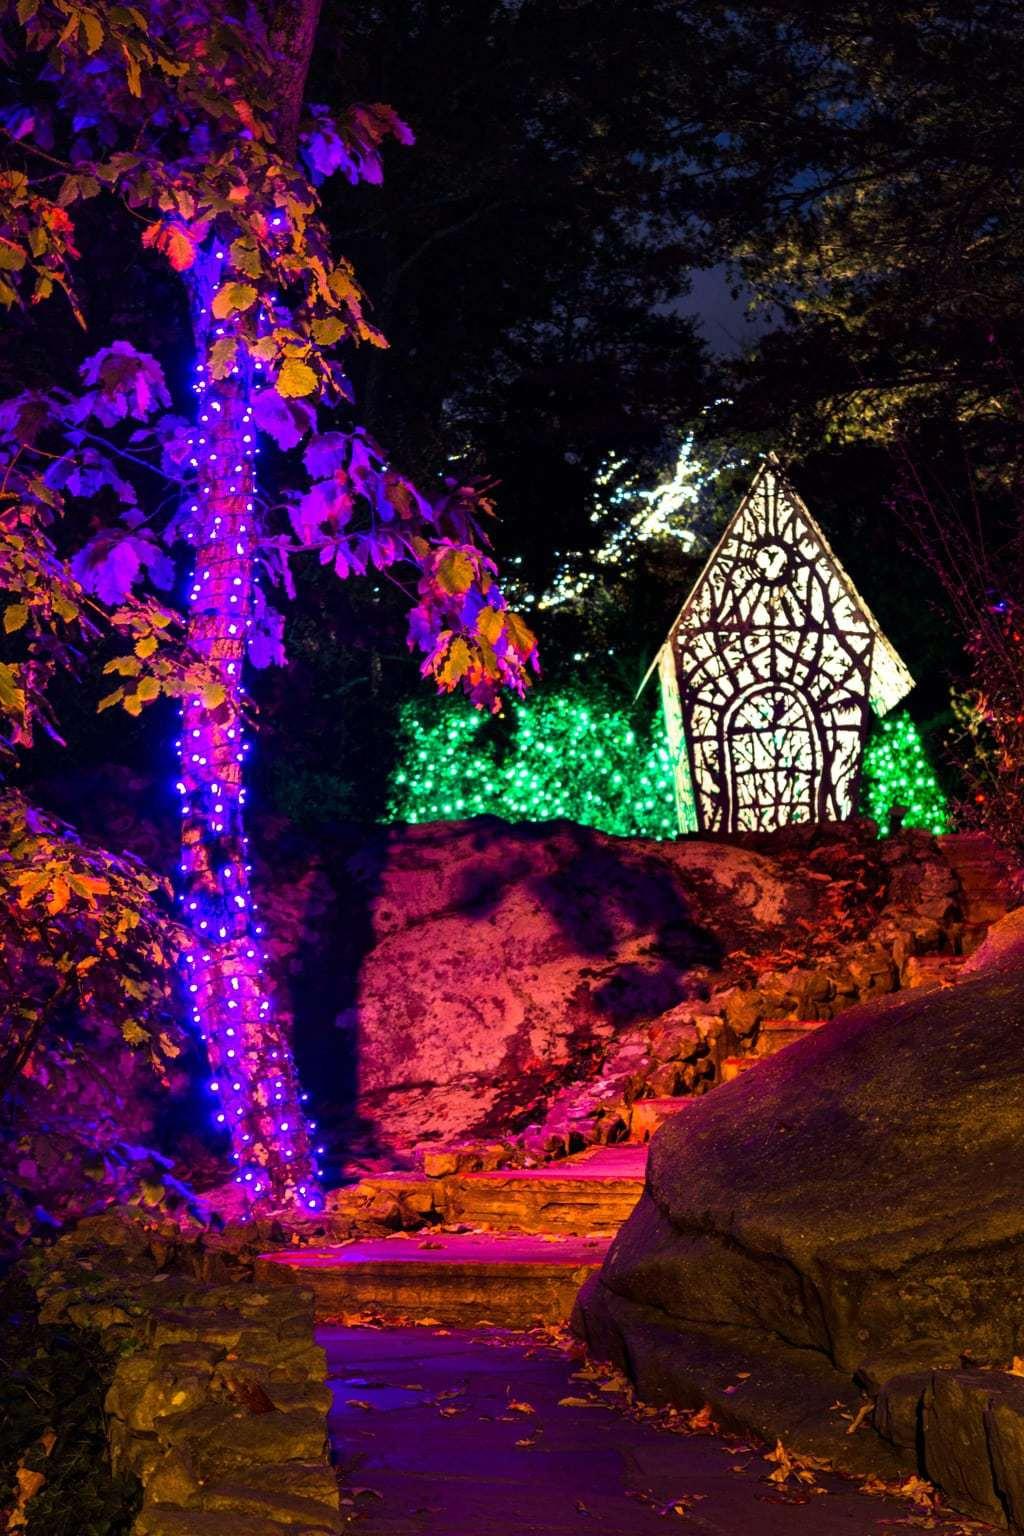 Experience rock city 39 s enchanted garden of lights - Rock city enchanted garden of lights ...